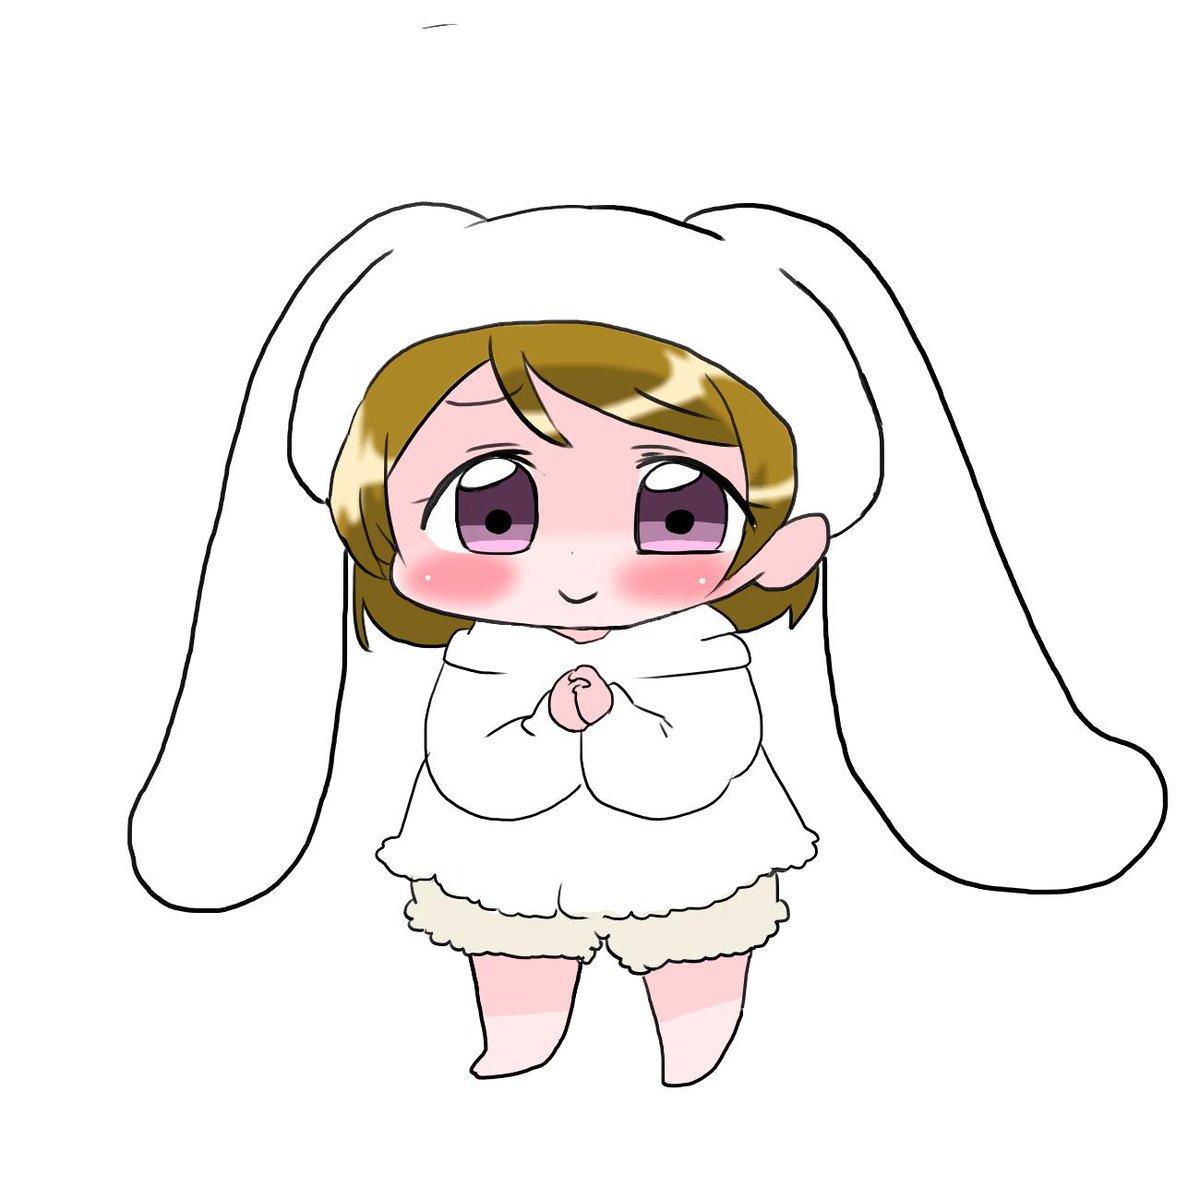 ハナヨロール pic.twitter.com/xAyPHjwSHT